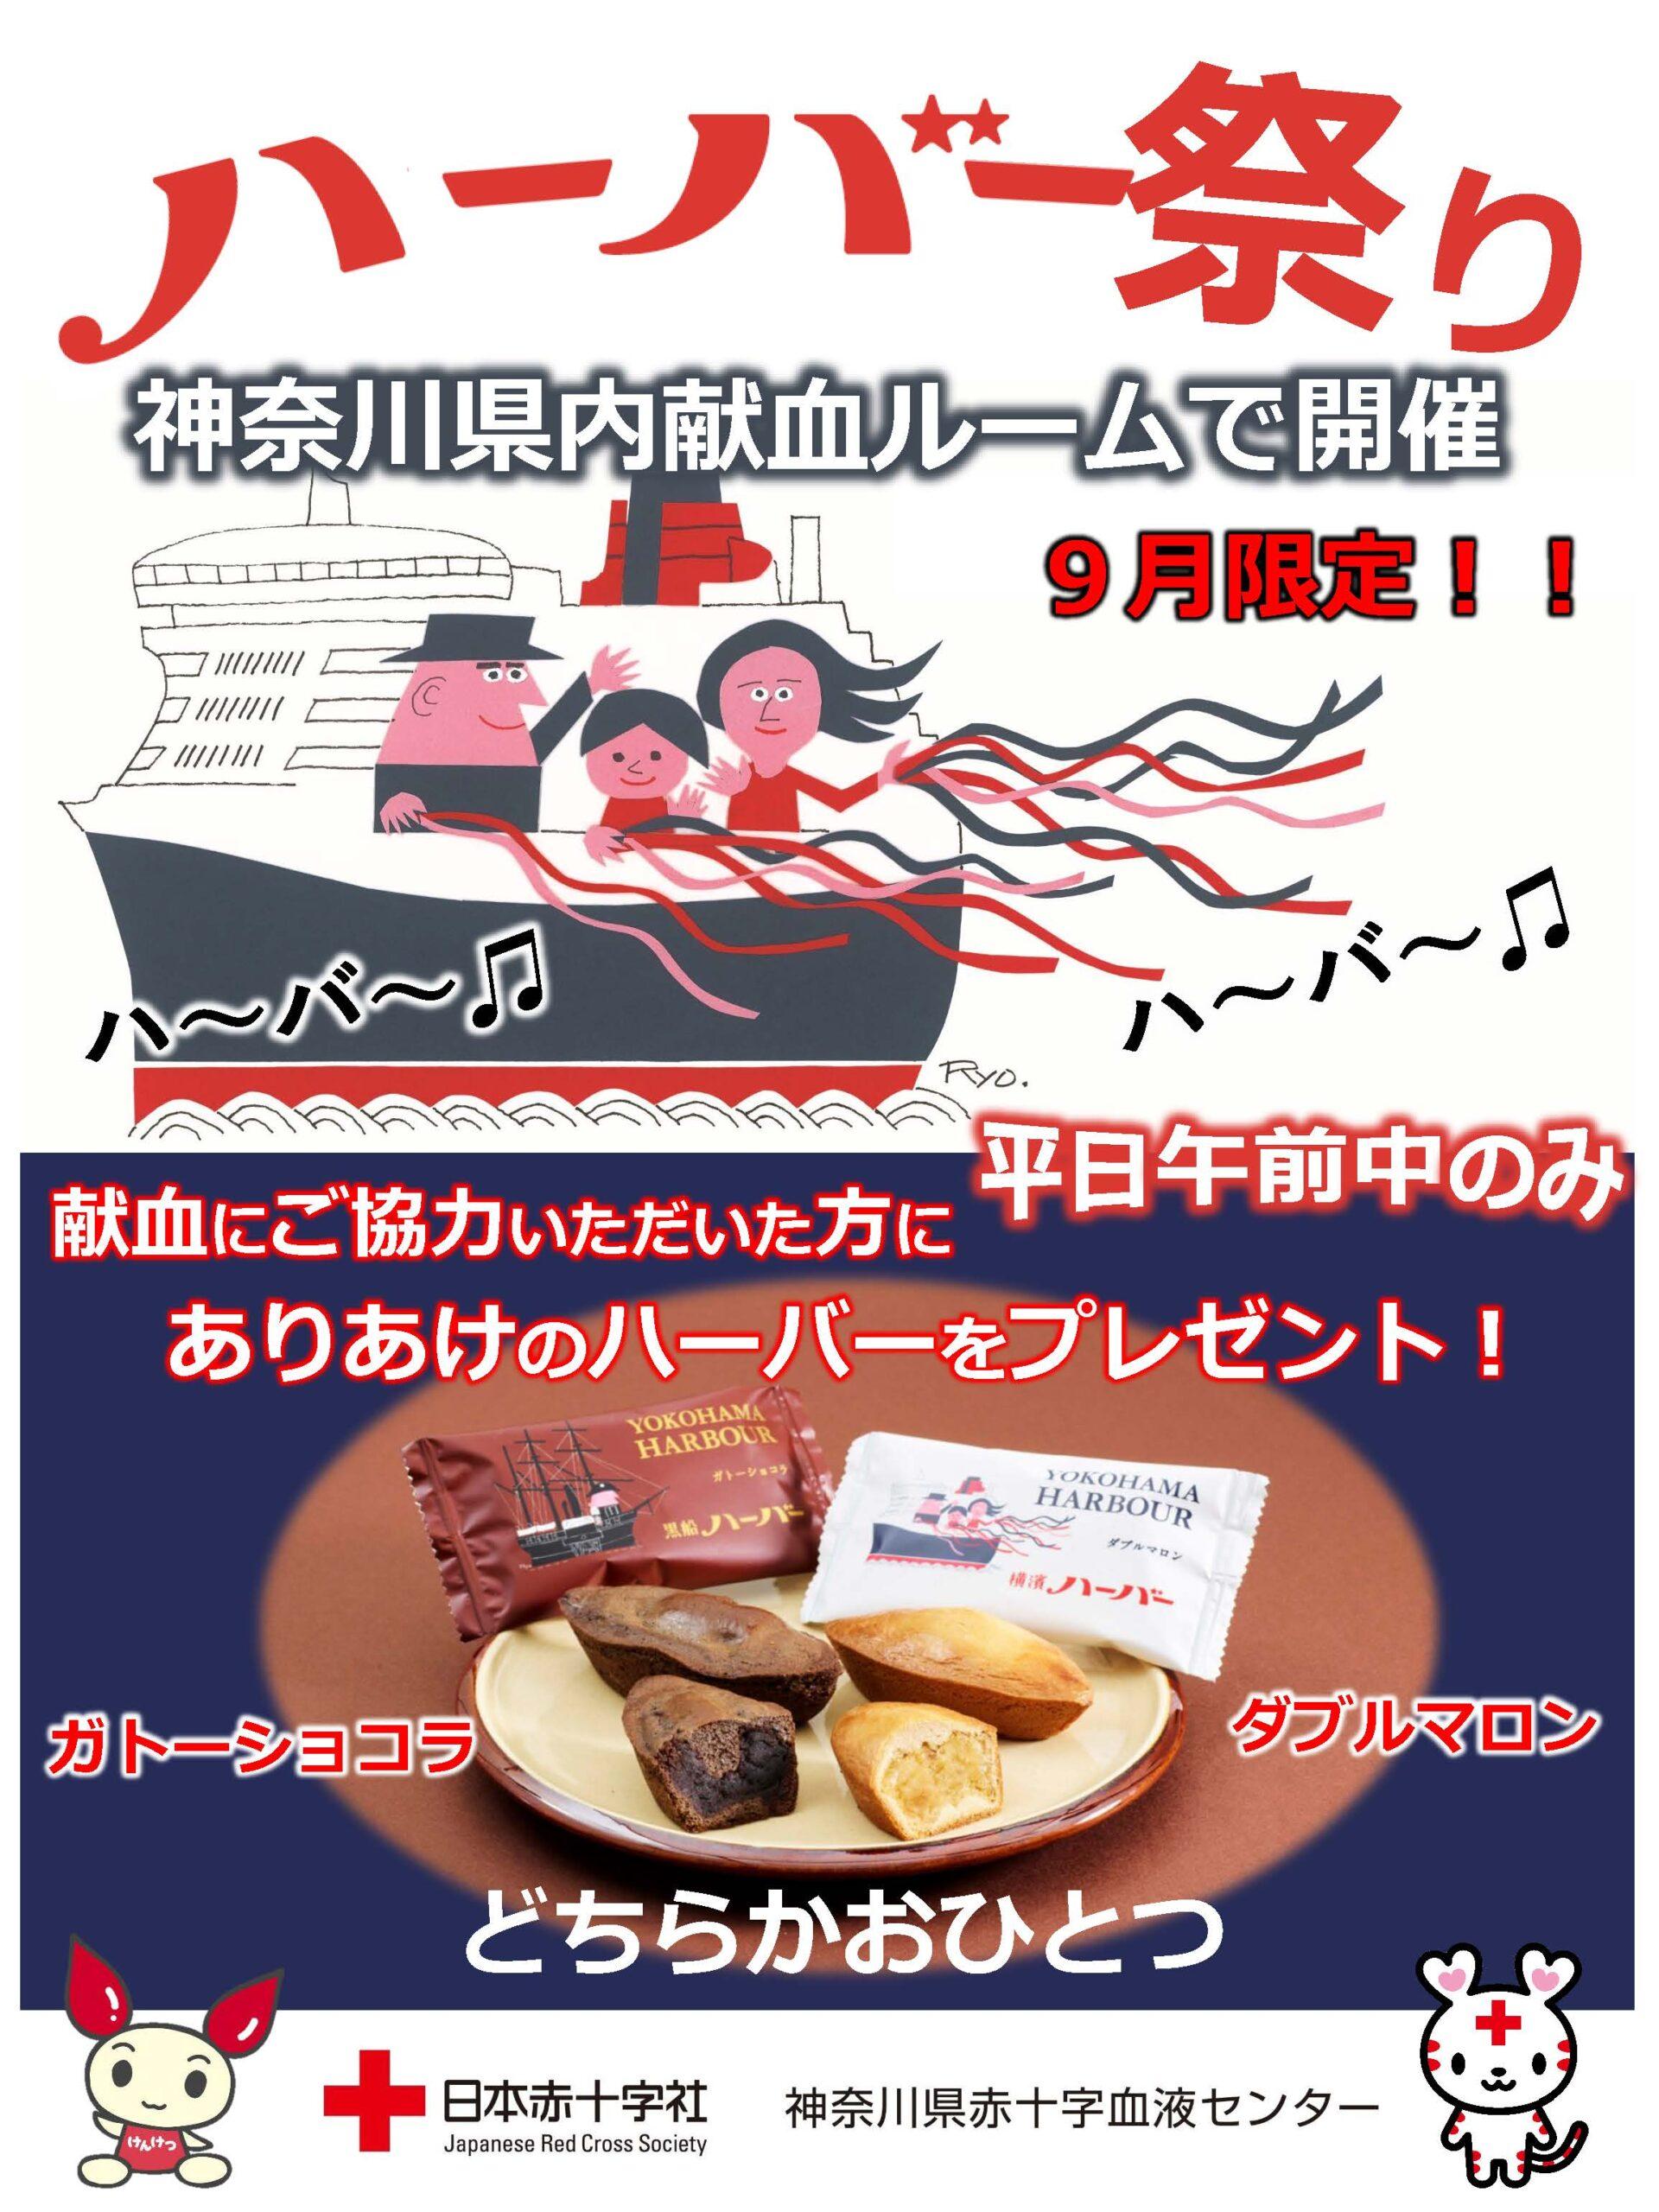 【9月限定】神奈川県赤十字血液センターでハーバーをプレゼント